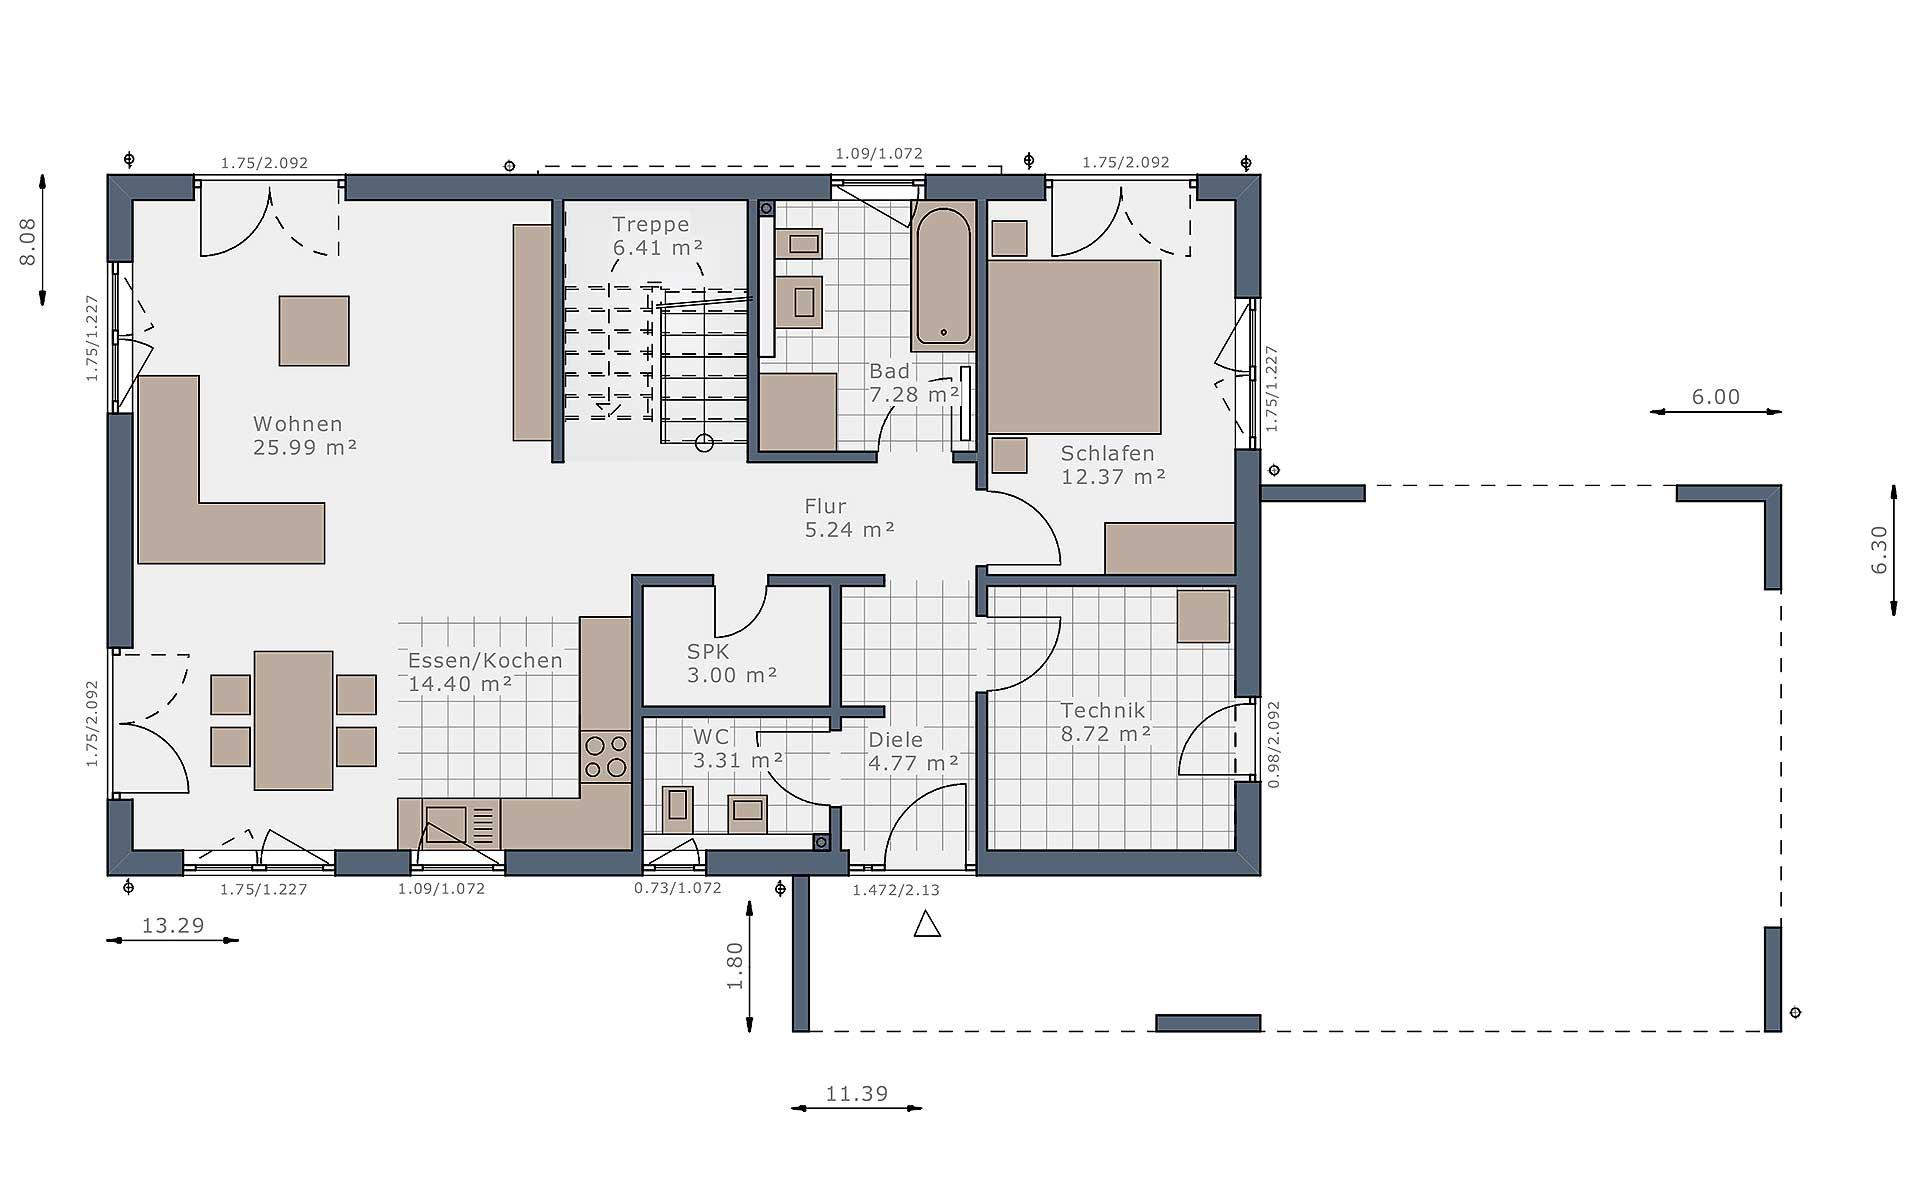 Erdgeschoss Solitaire-B-90 E5 von Schwabenhaus GmbH & Co. KG